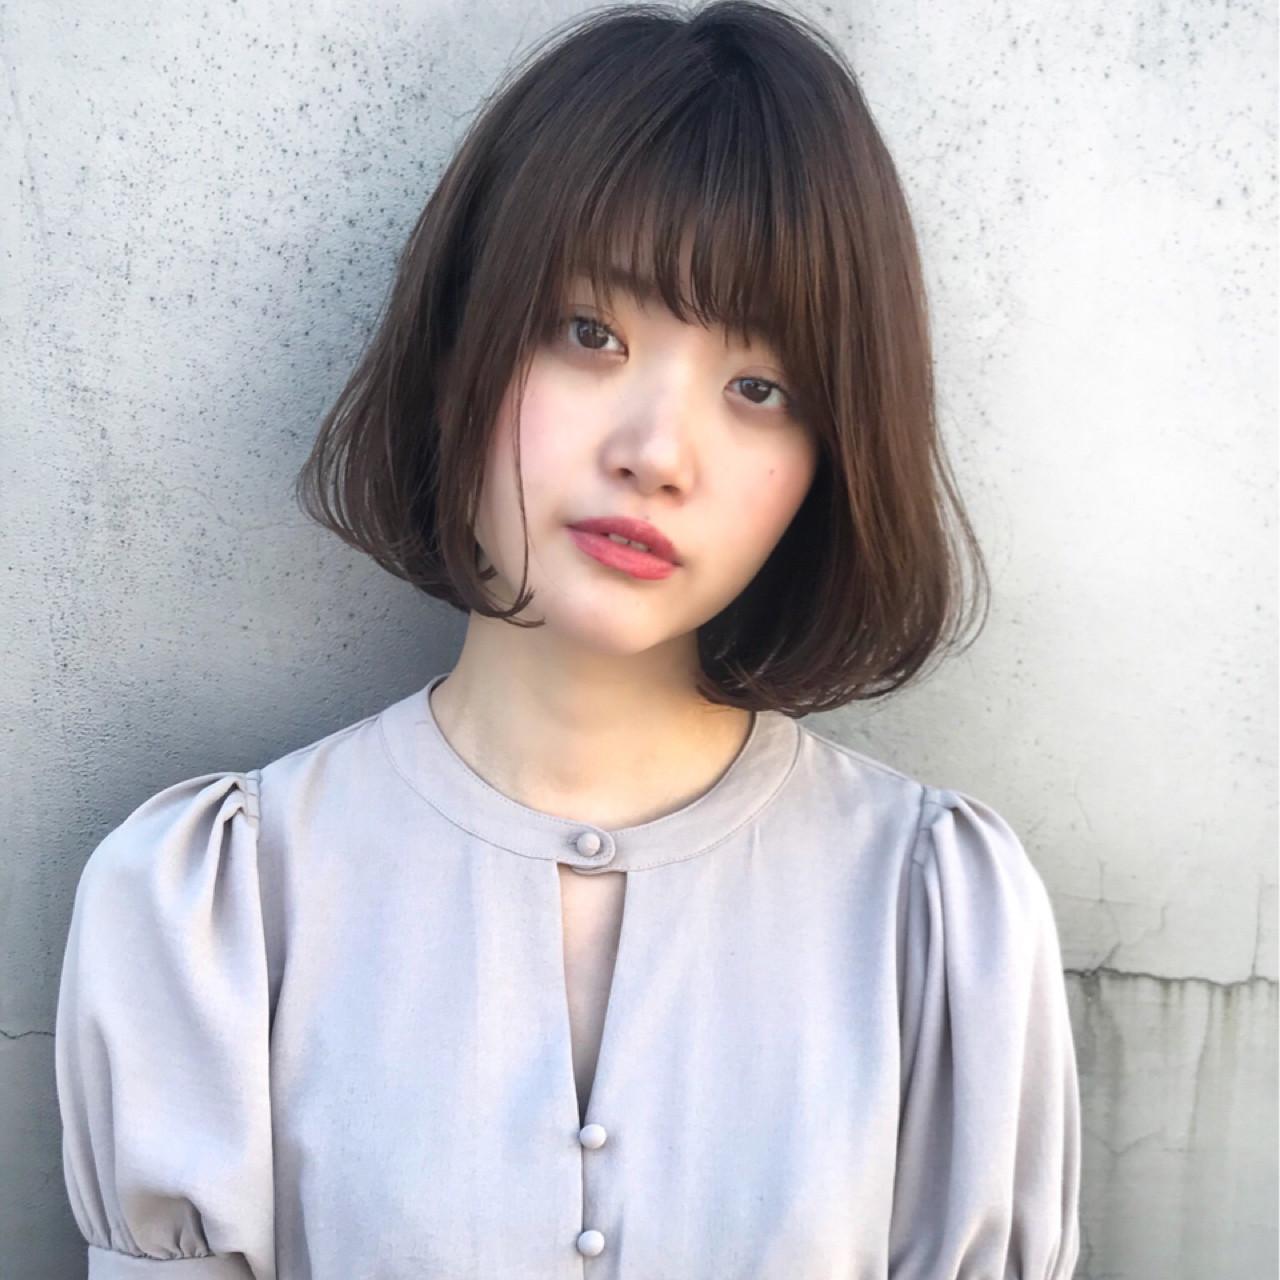 3.面長タイプに似合う髪型とは? MANOHARU 新屋敷